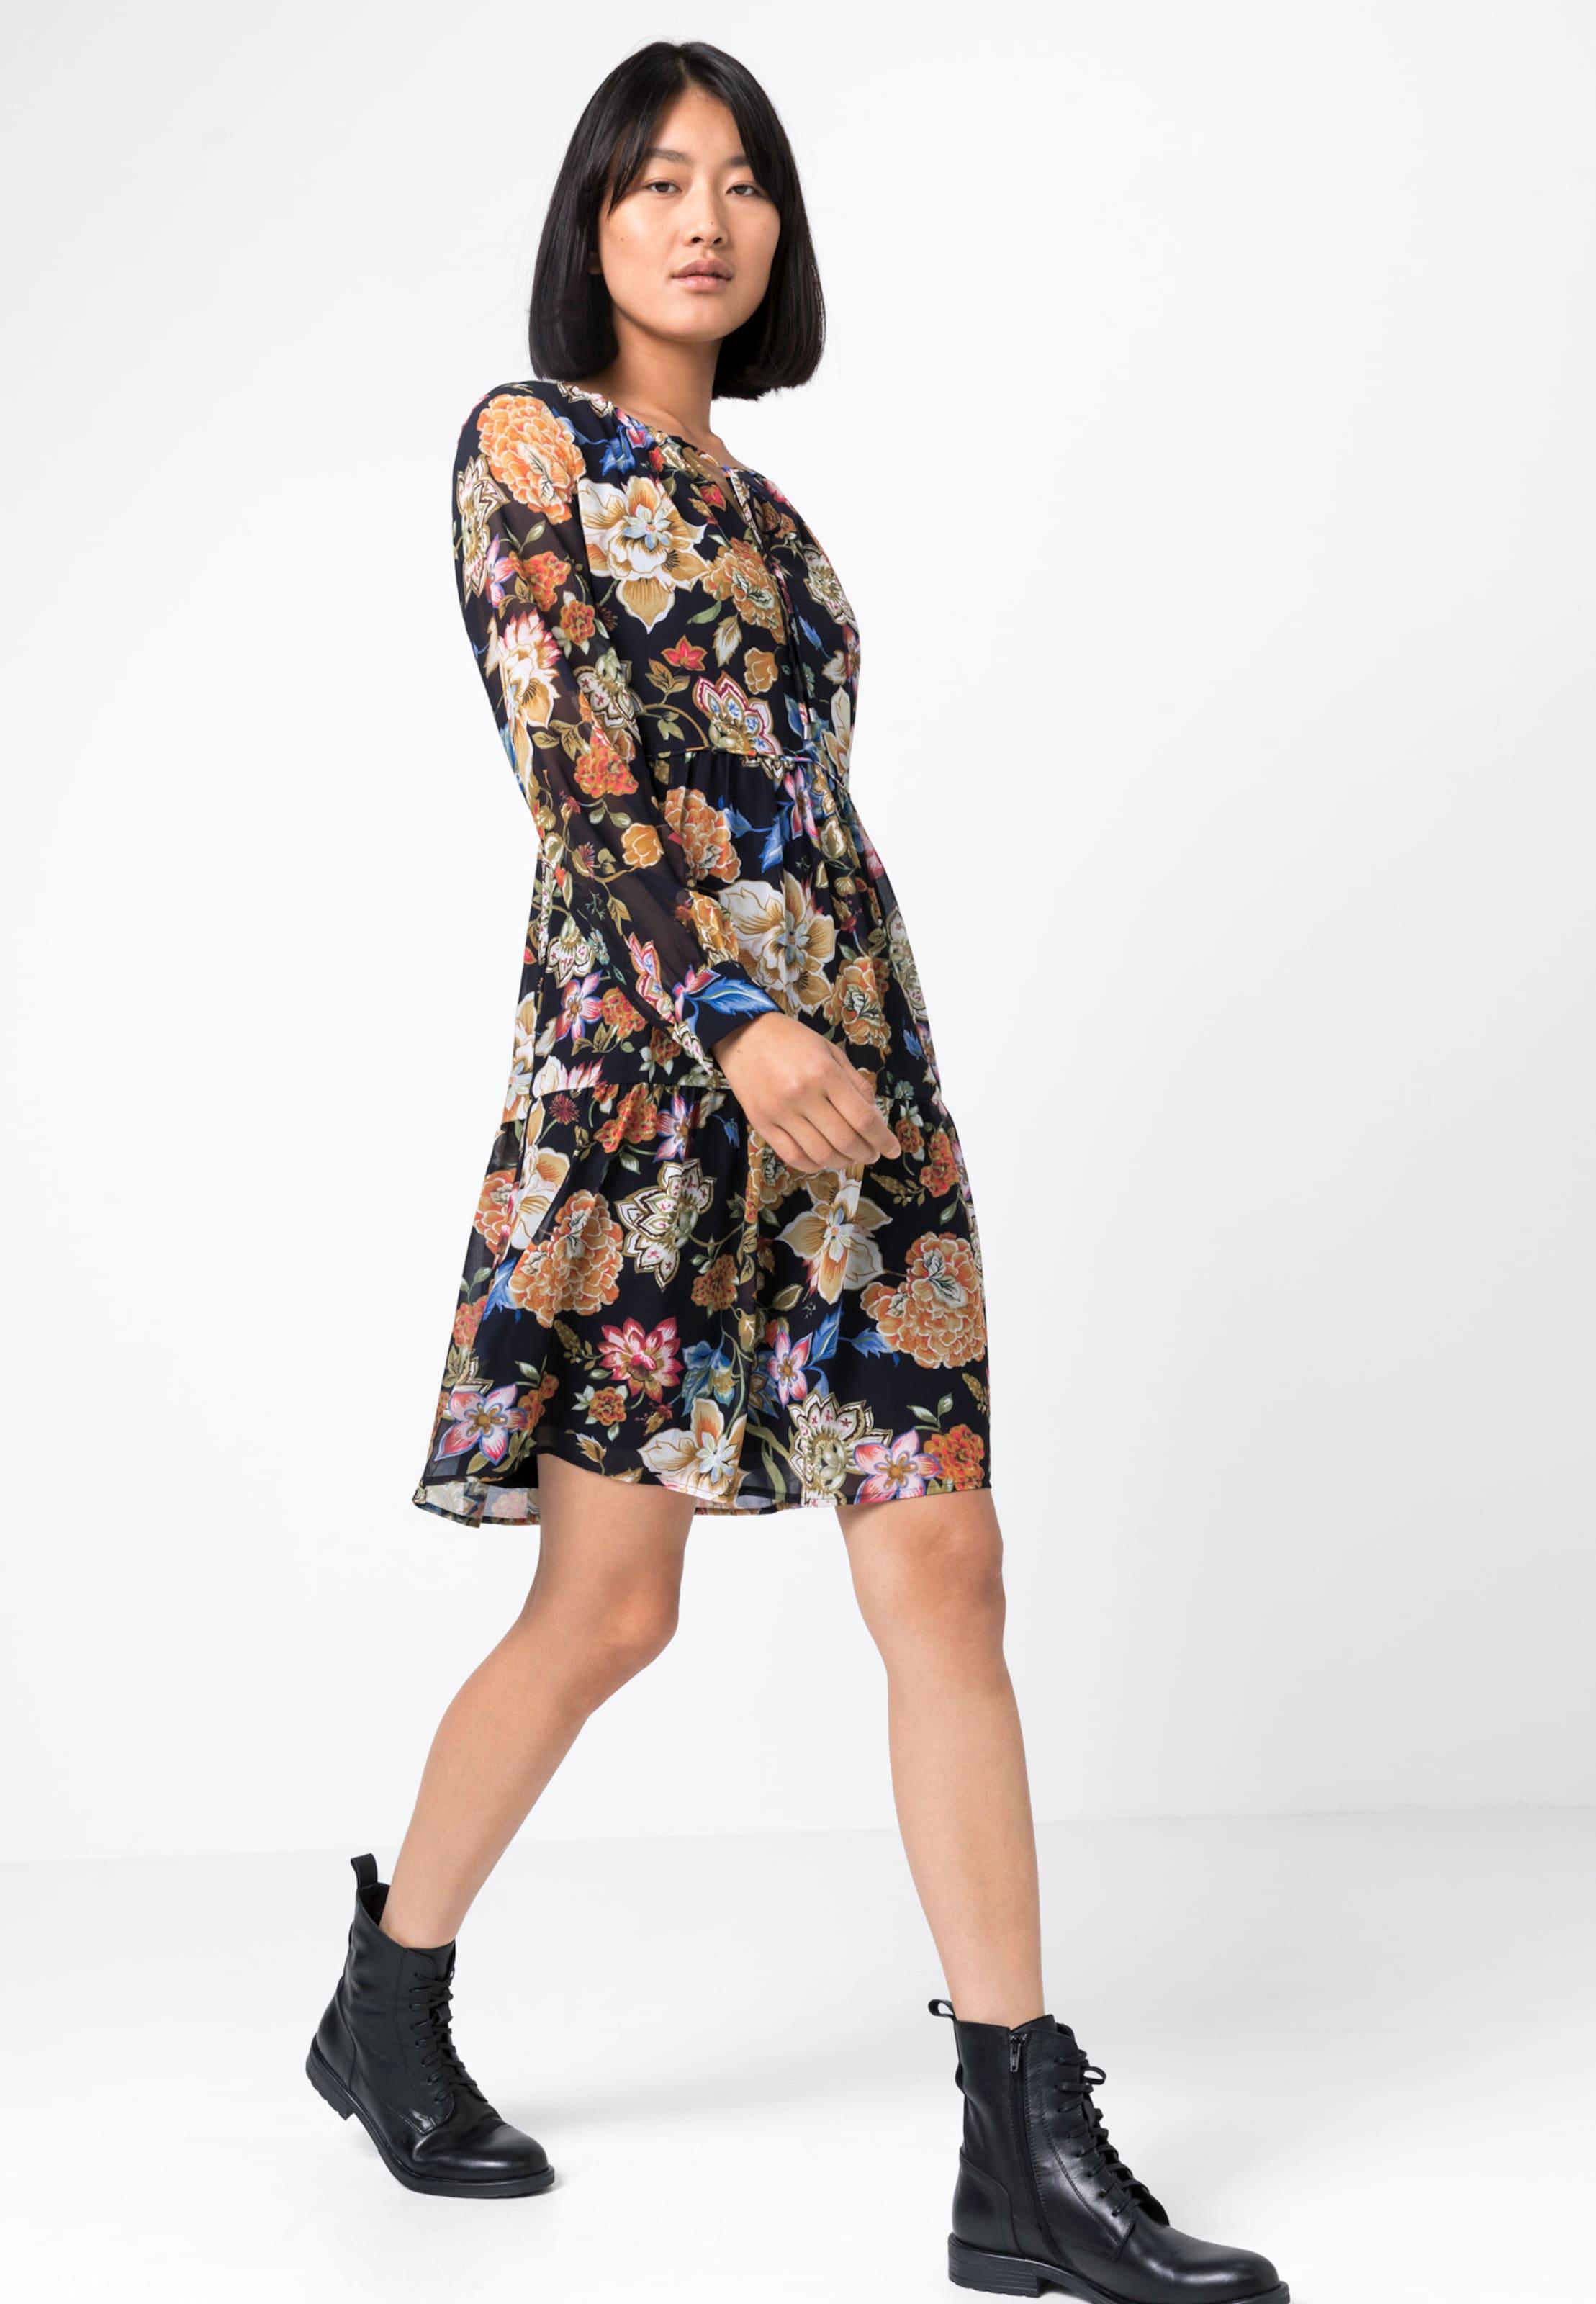 Kleid In Mischfarben Kleid In In Hallhuber Mischfarben Kleid Hallhuber Hallhuber lKFJc1